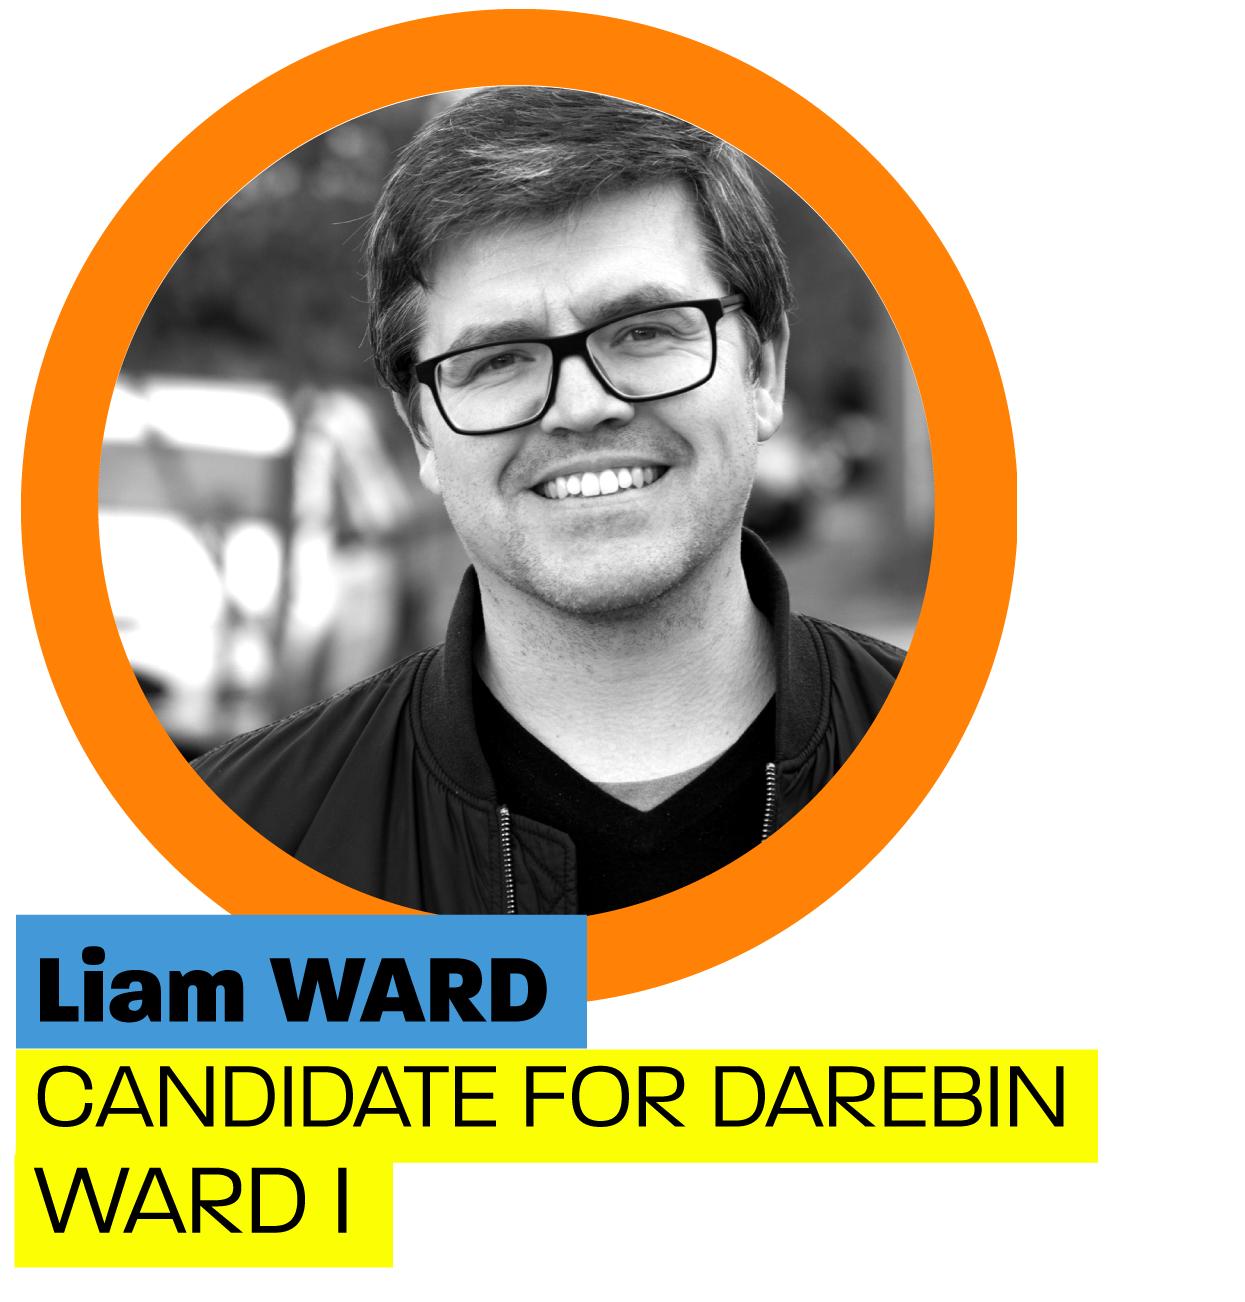 Liam Ward